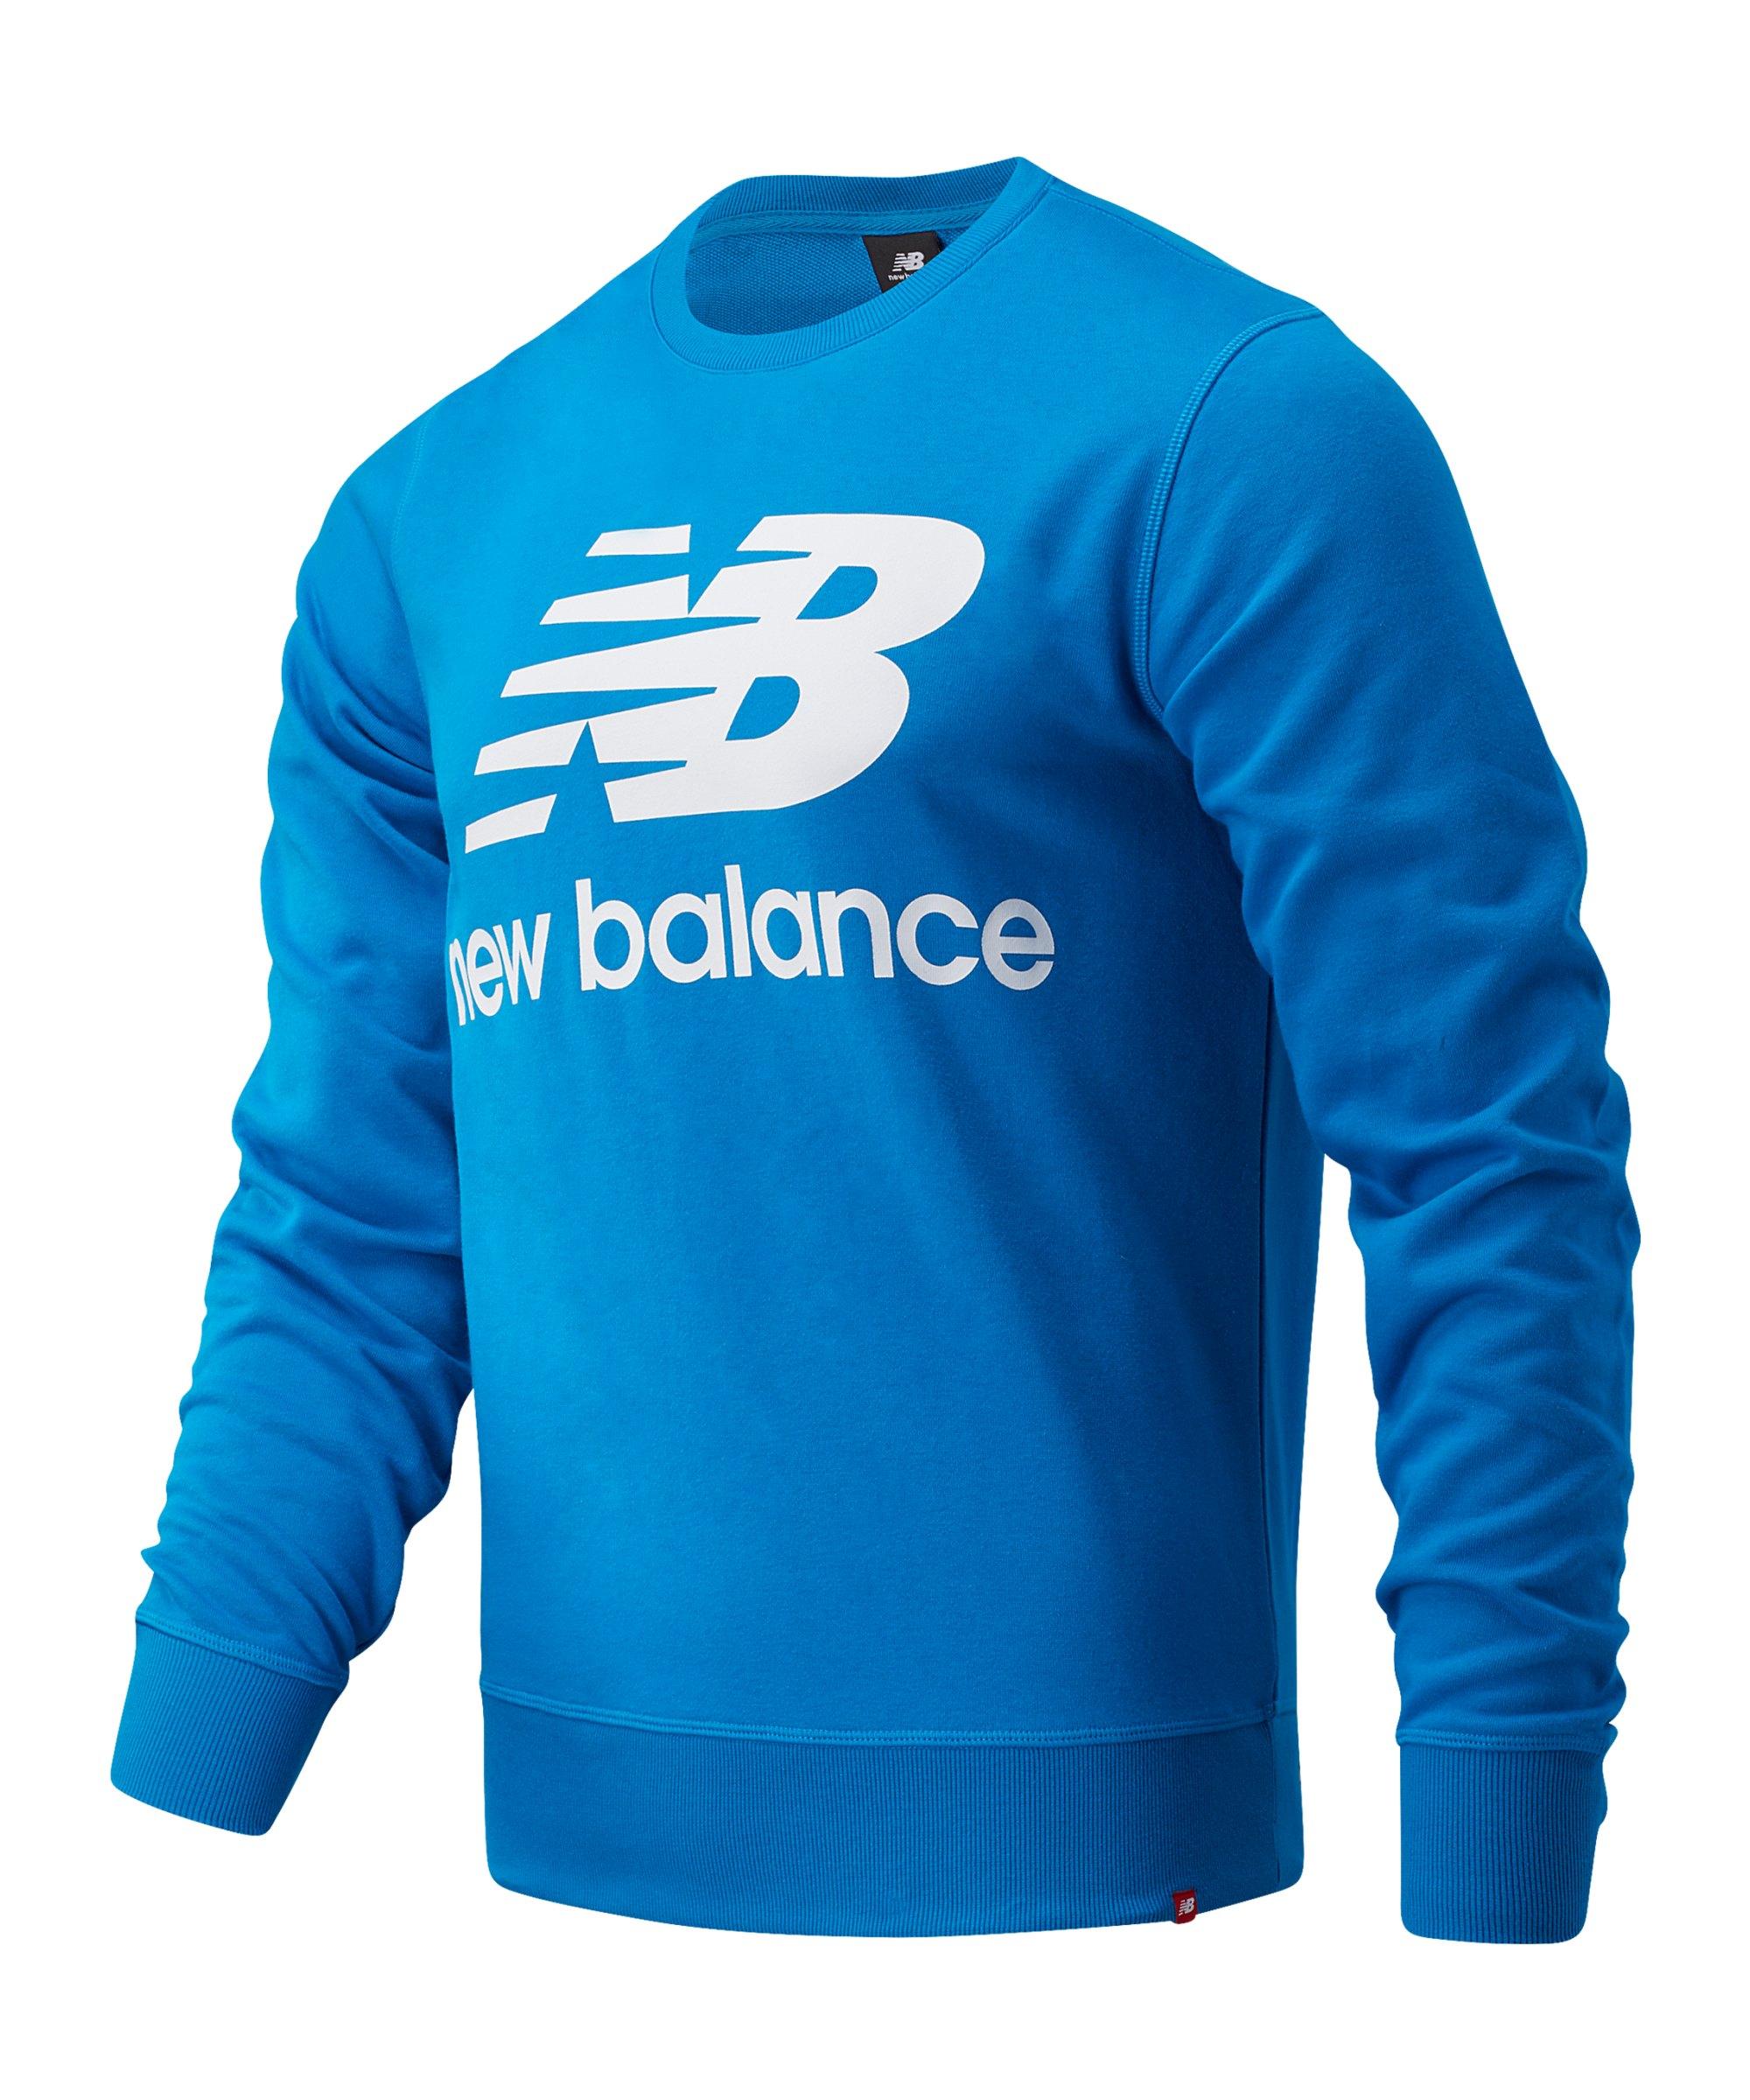 New Balance Essentials Logo Sweatshirt Blau FWAB - blau